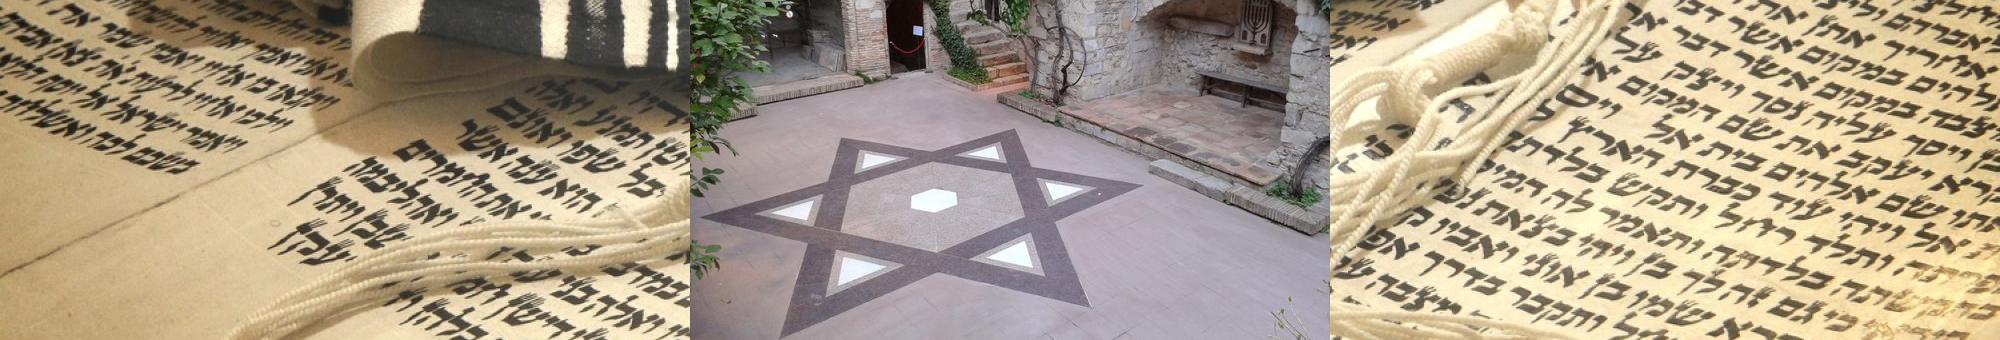 Curiosités d'intérêt juif